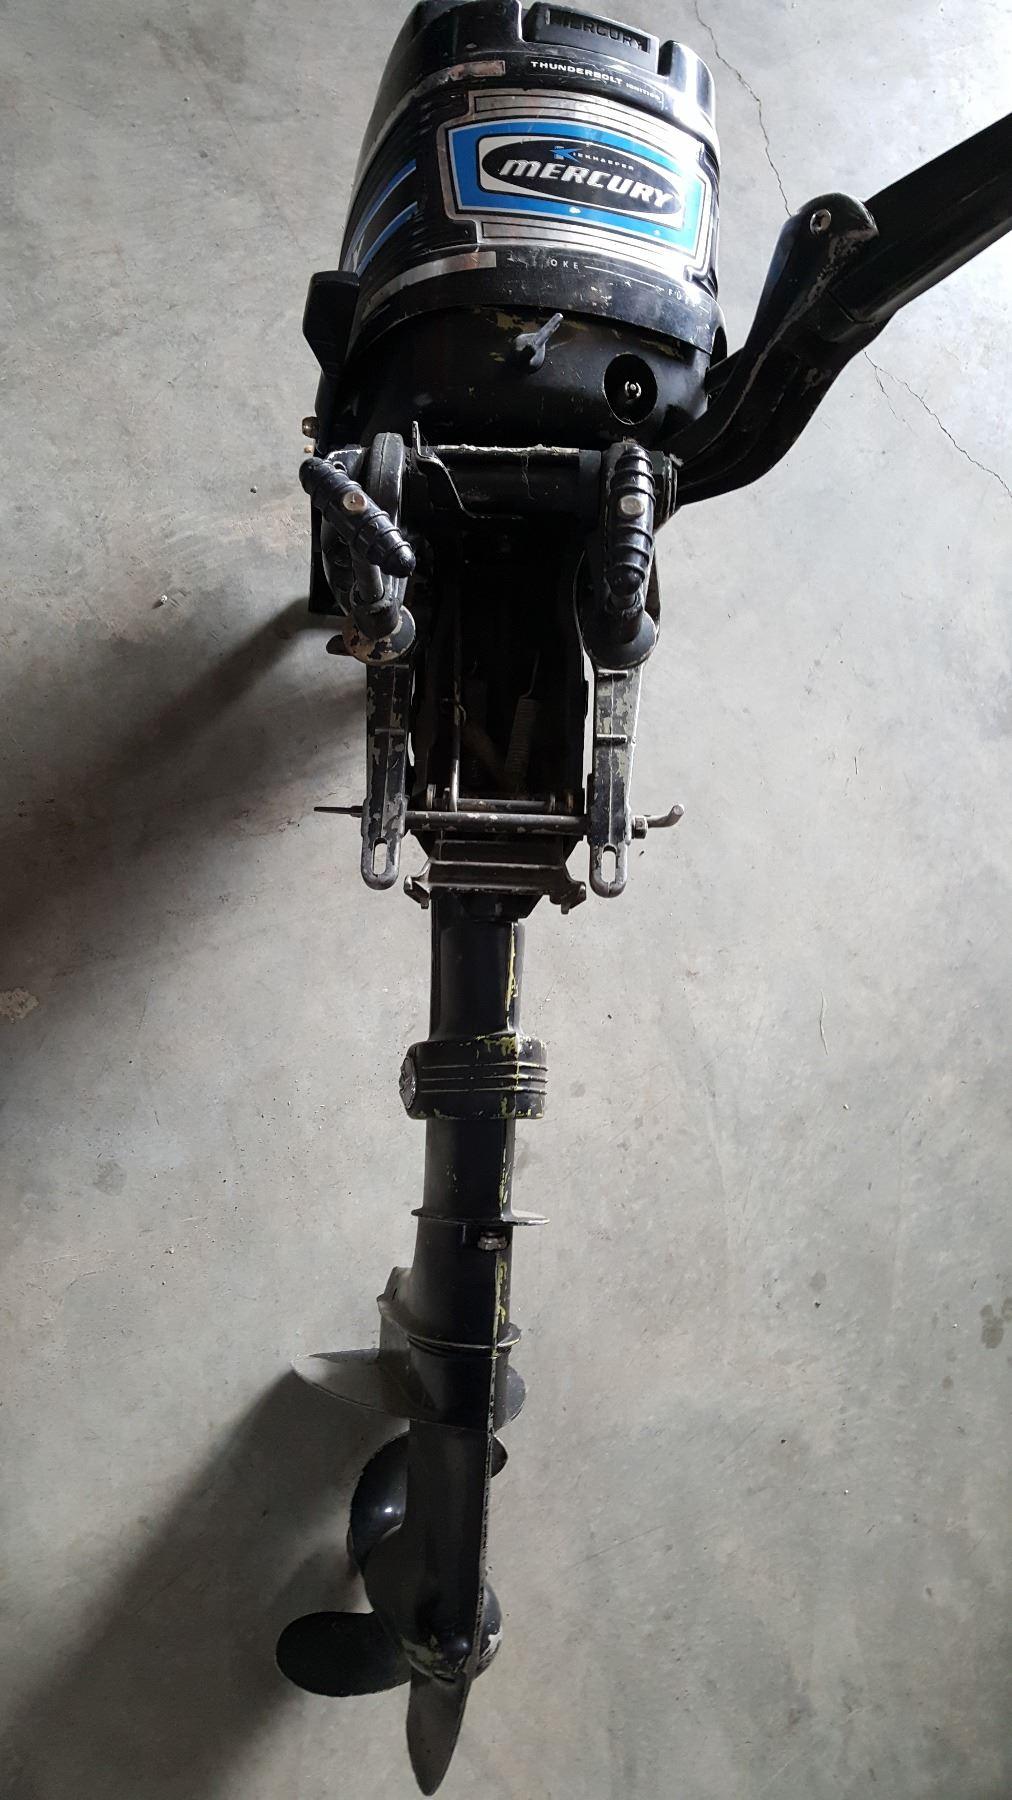 MERCURY OUTBOARD MOTOR 4HP